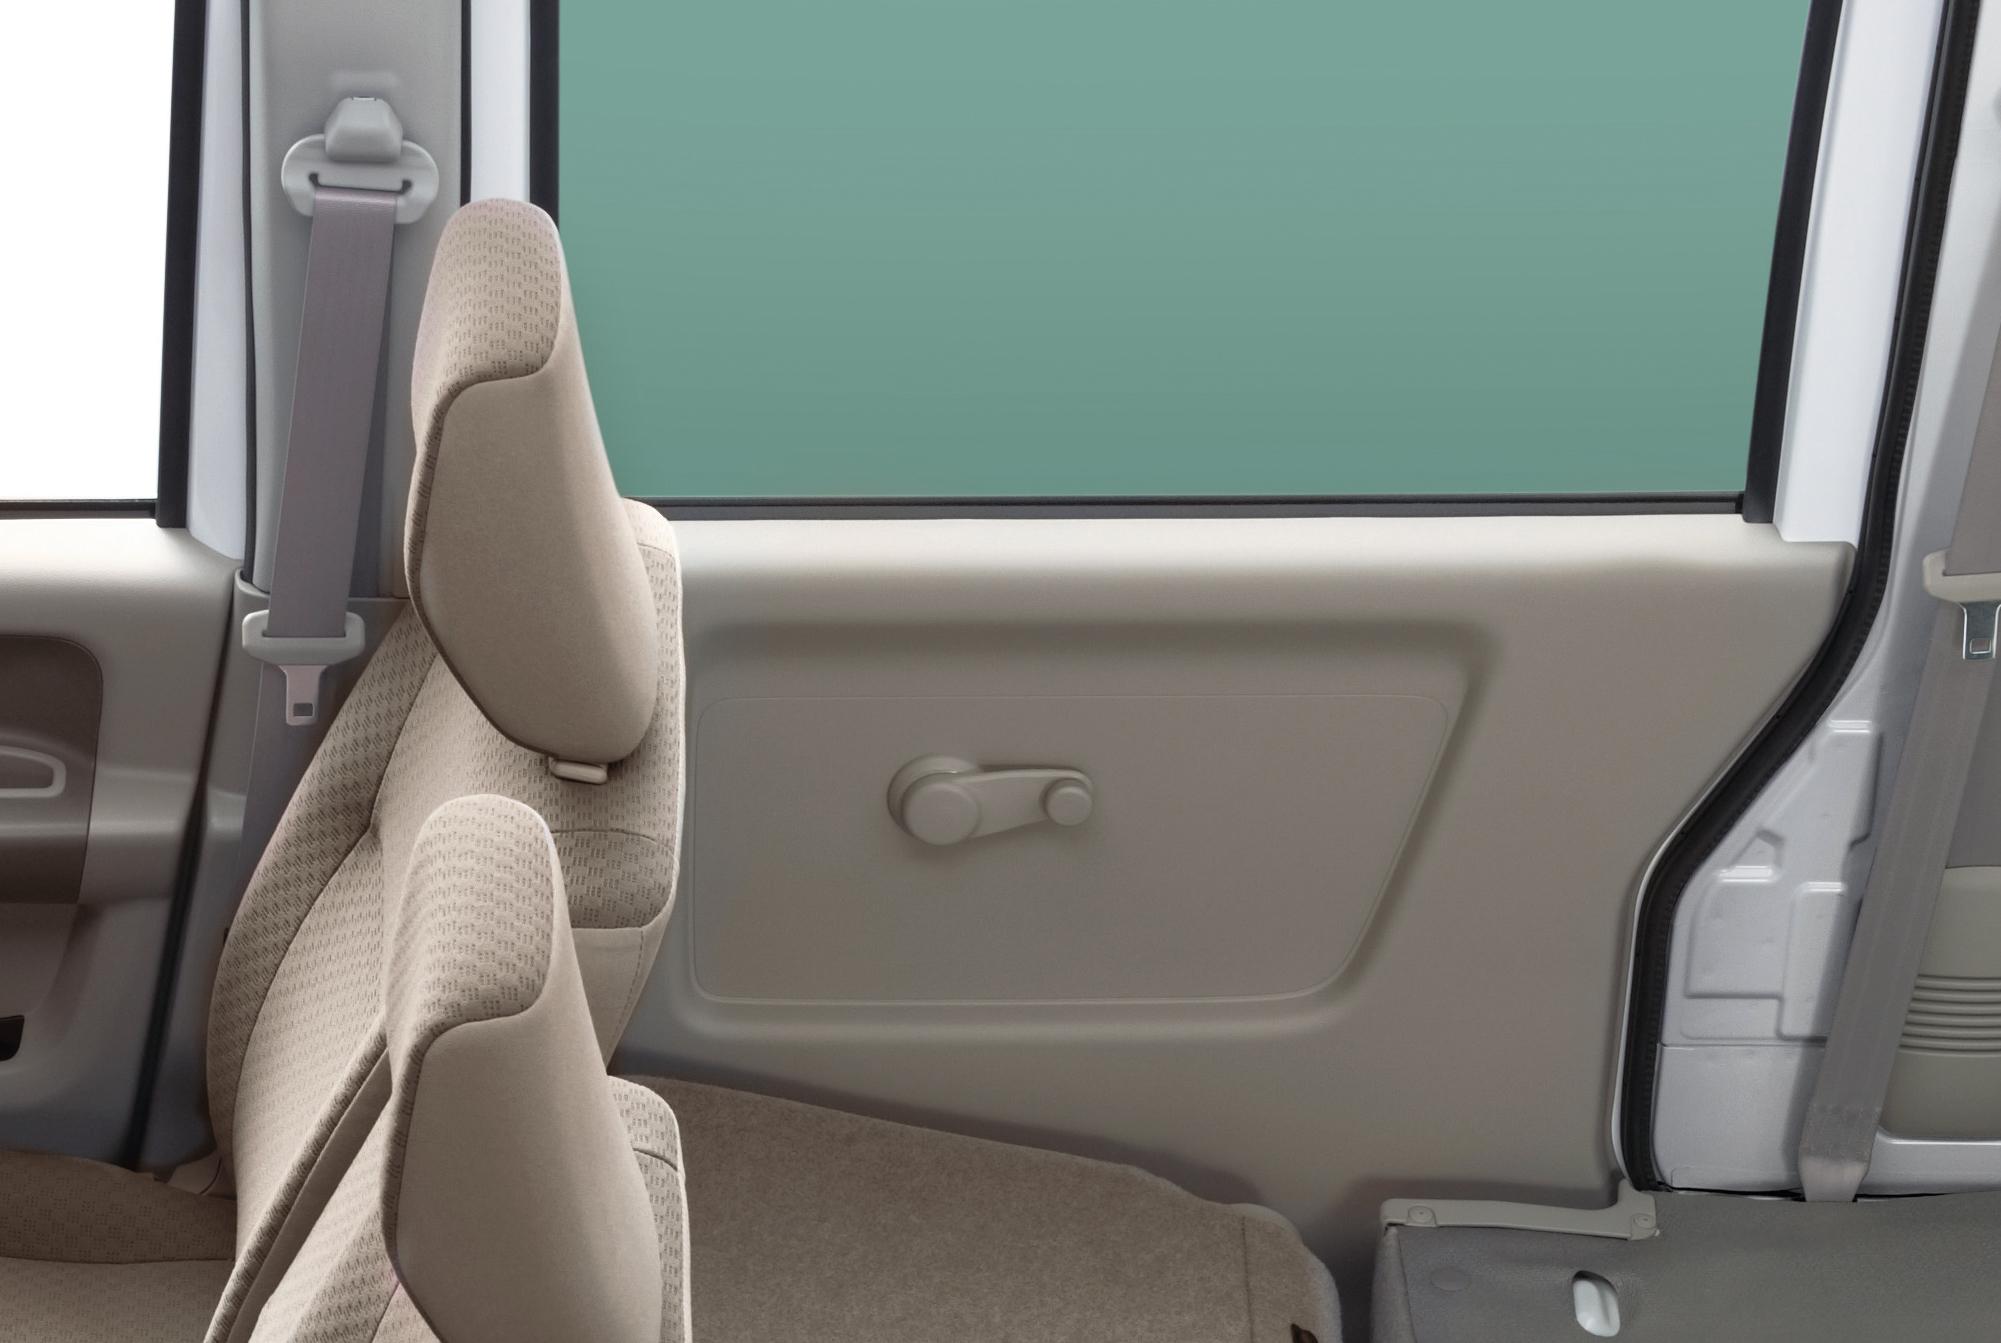 昔の車では頻繁だった「窓落ち」の原因と対処法